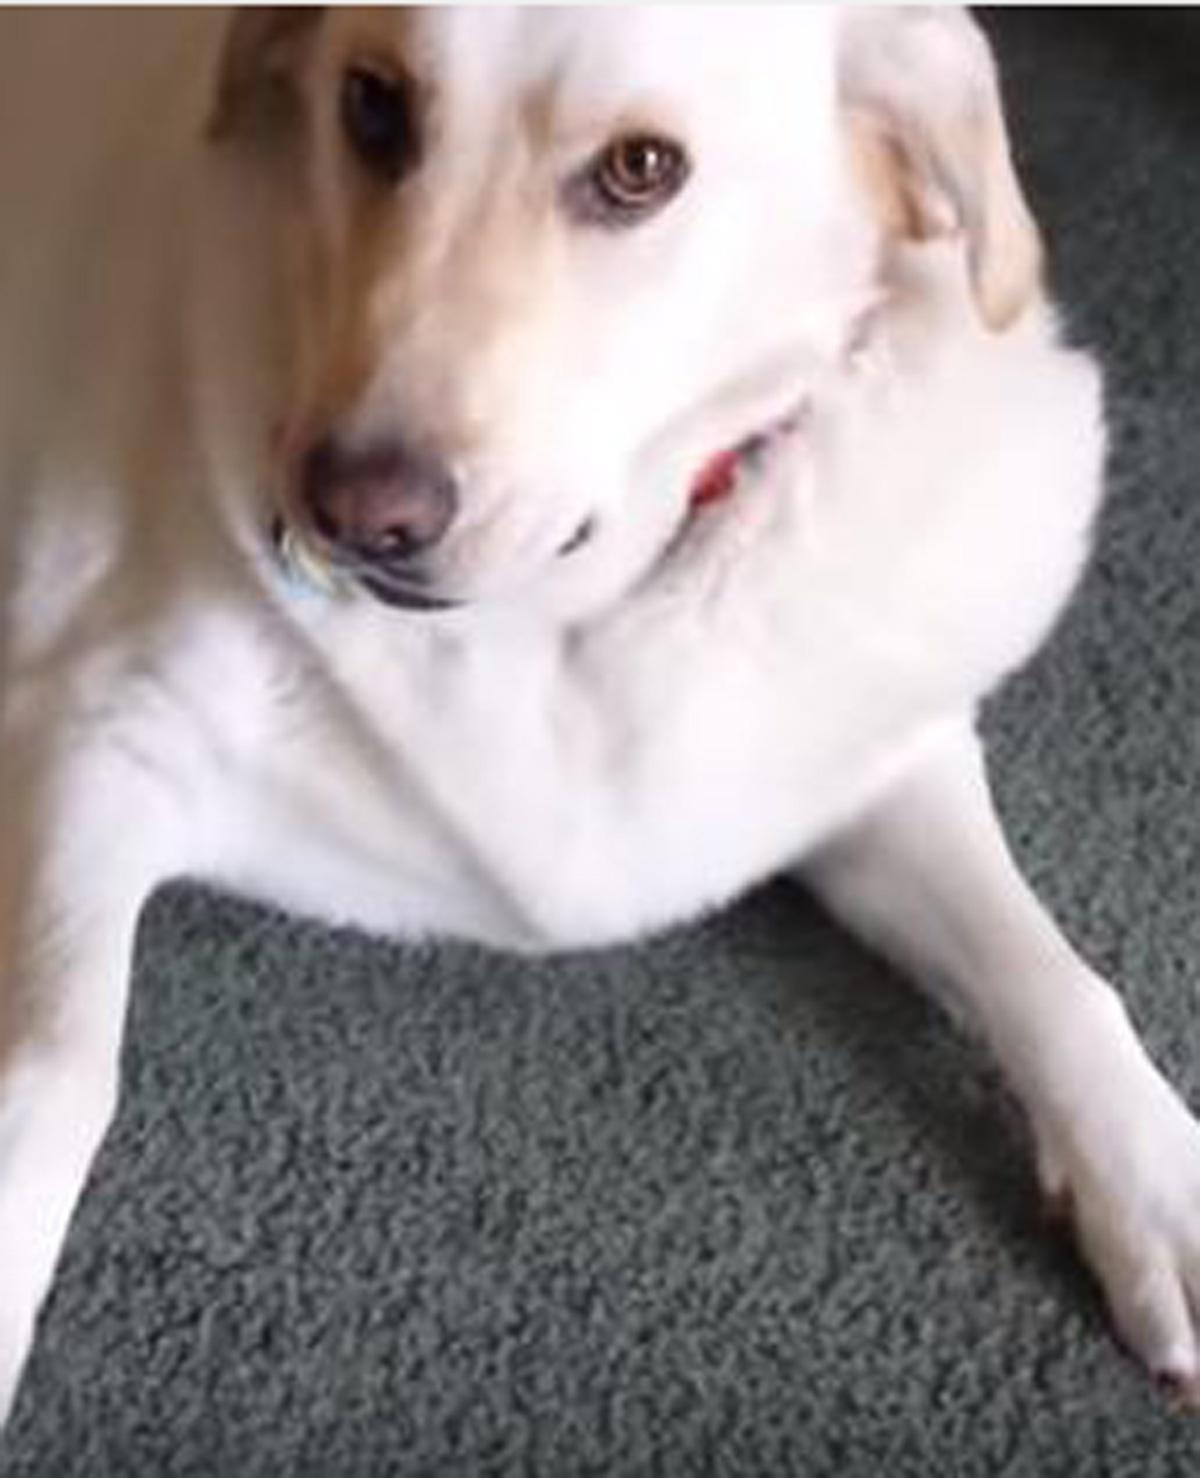 Baasje vraagt aan hond of hij een kroket heeft gestolen